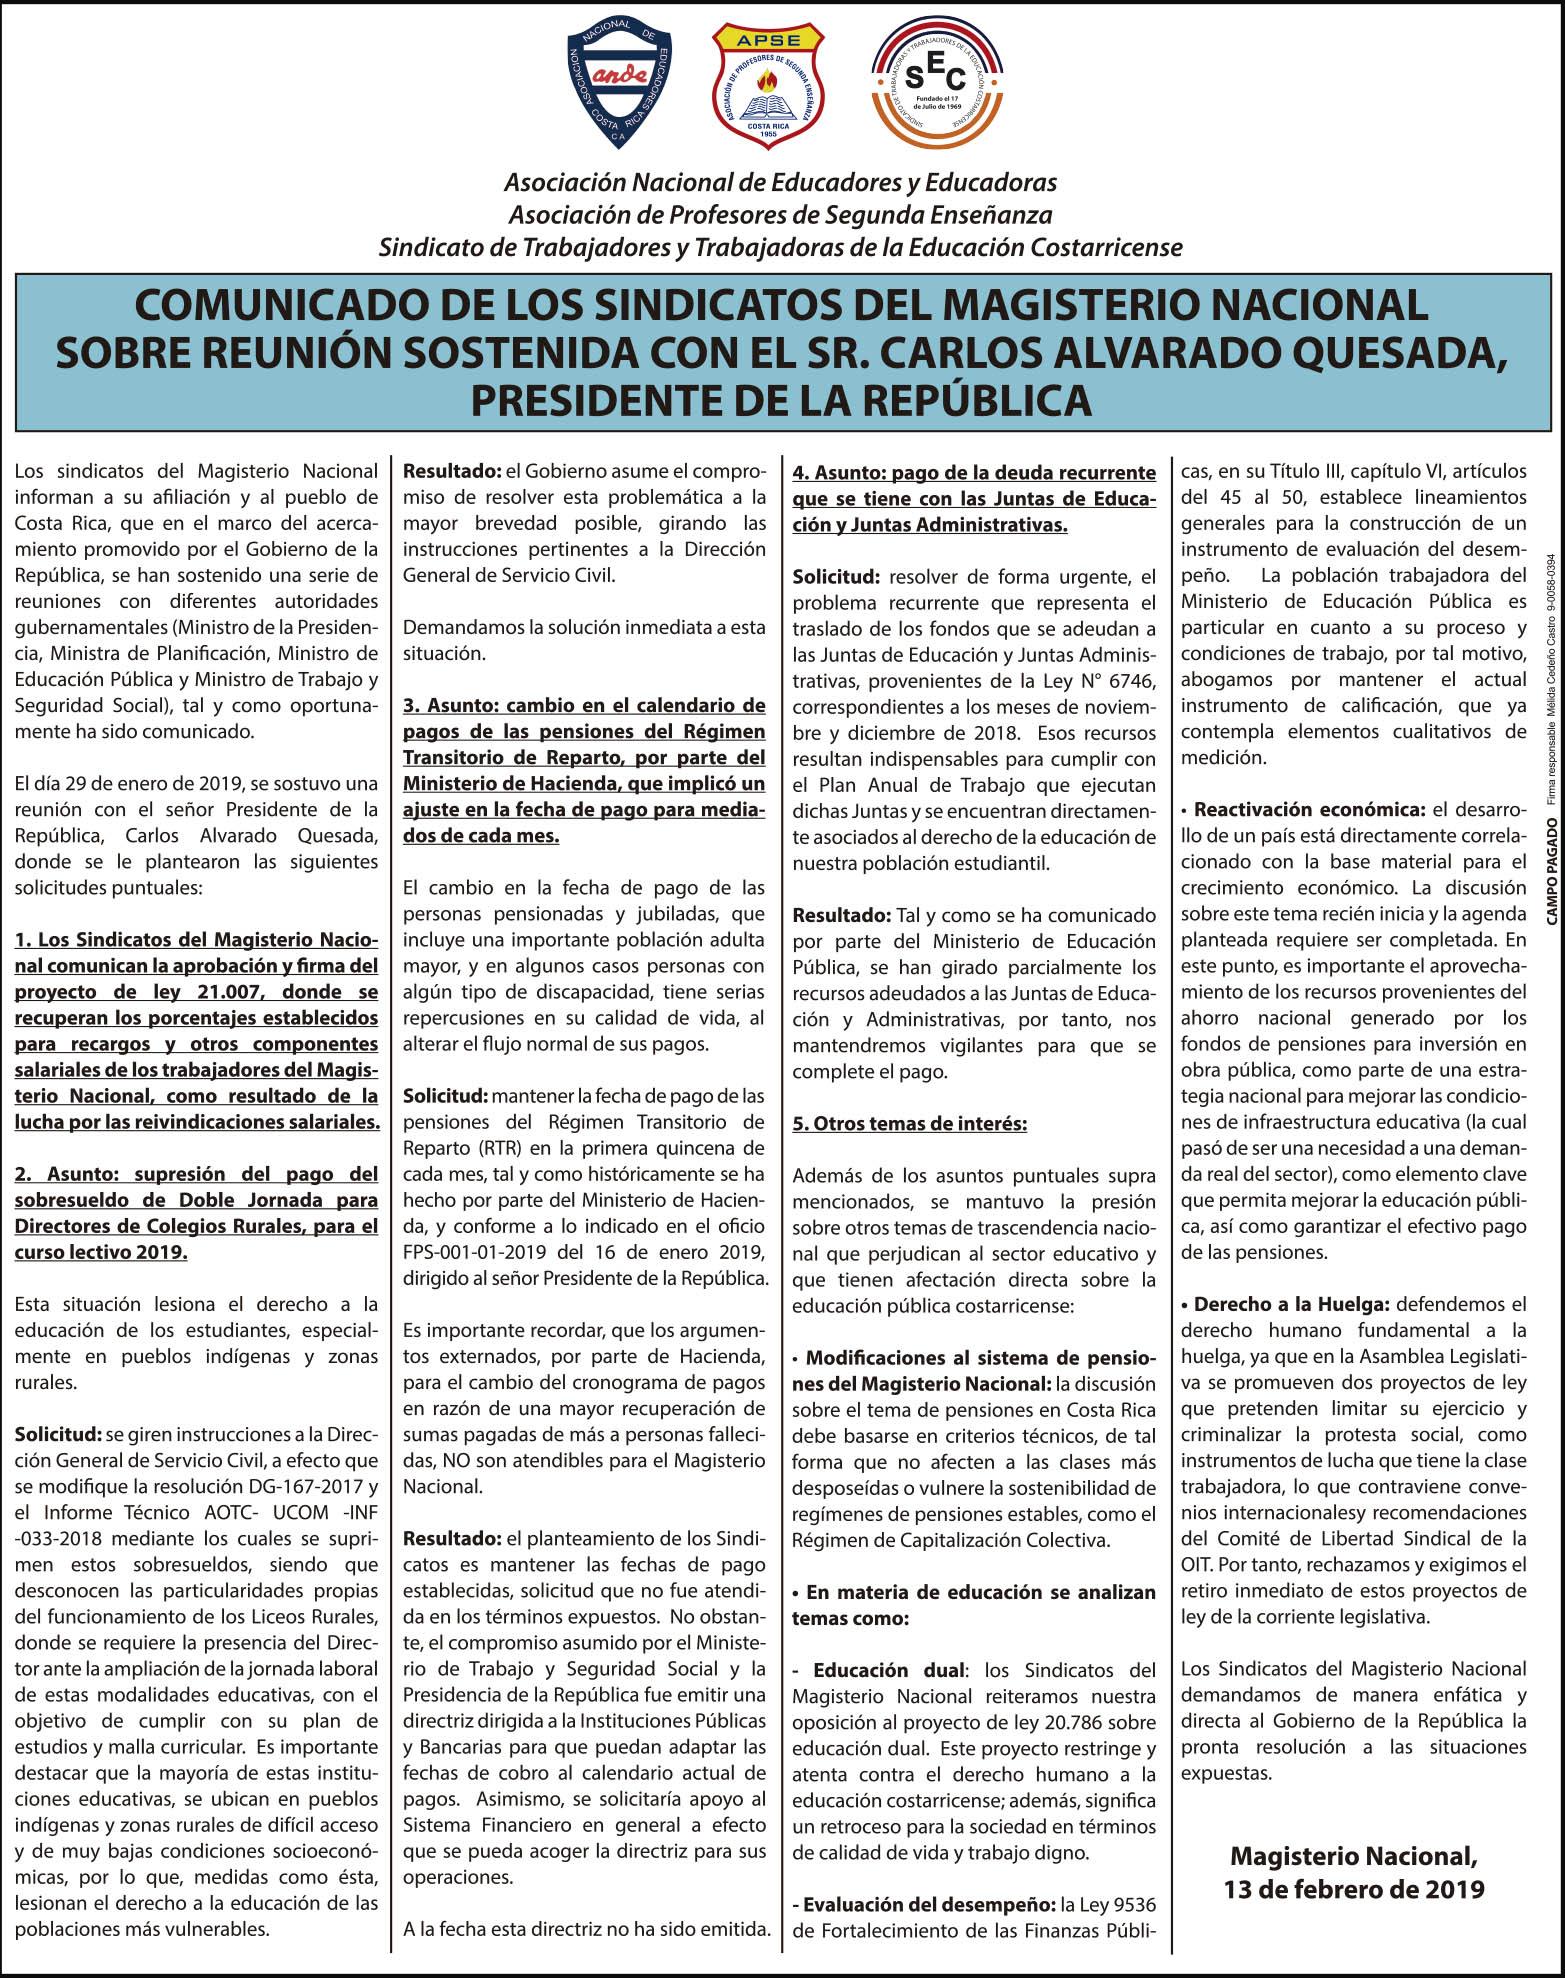 COMUNICADO DE LOS SINDICATOS DEL MAGISTERIO NACIONAL SOBRE REUNIÓN SOSTENIDA CON EL SR. CARLOS ALVARADO QUESADA, PRESIDENTE DE LA REPÚBLICA